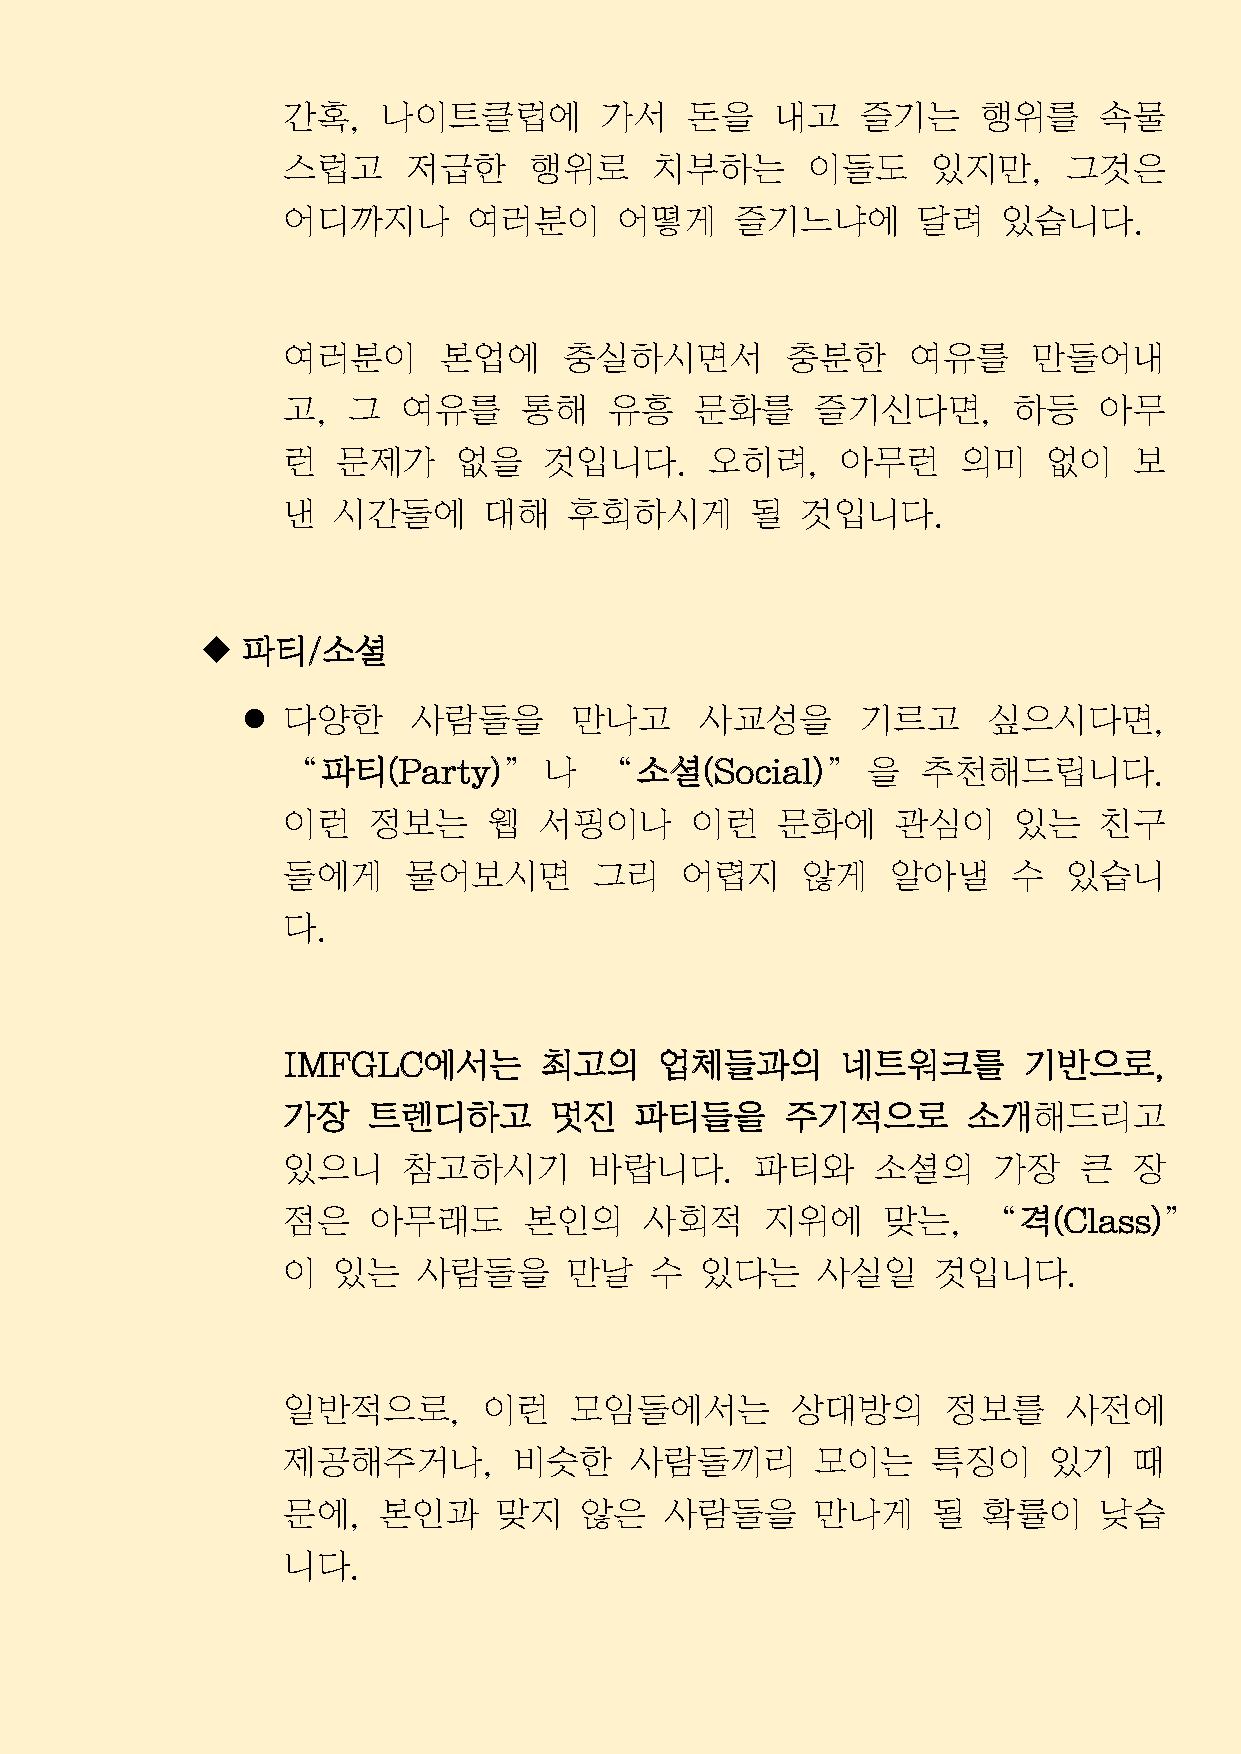 이용매뉴얼_Page_05.png